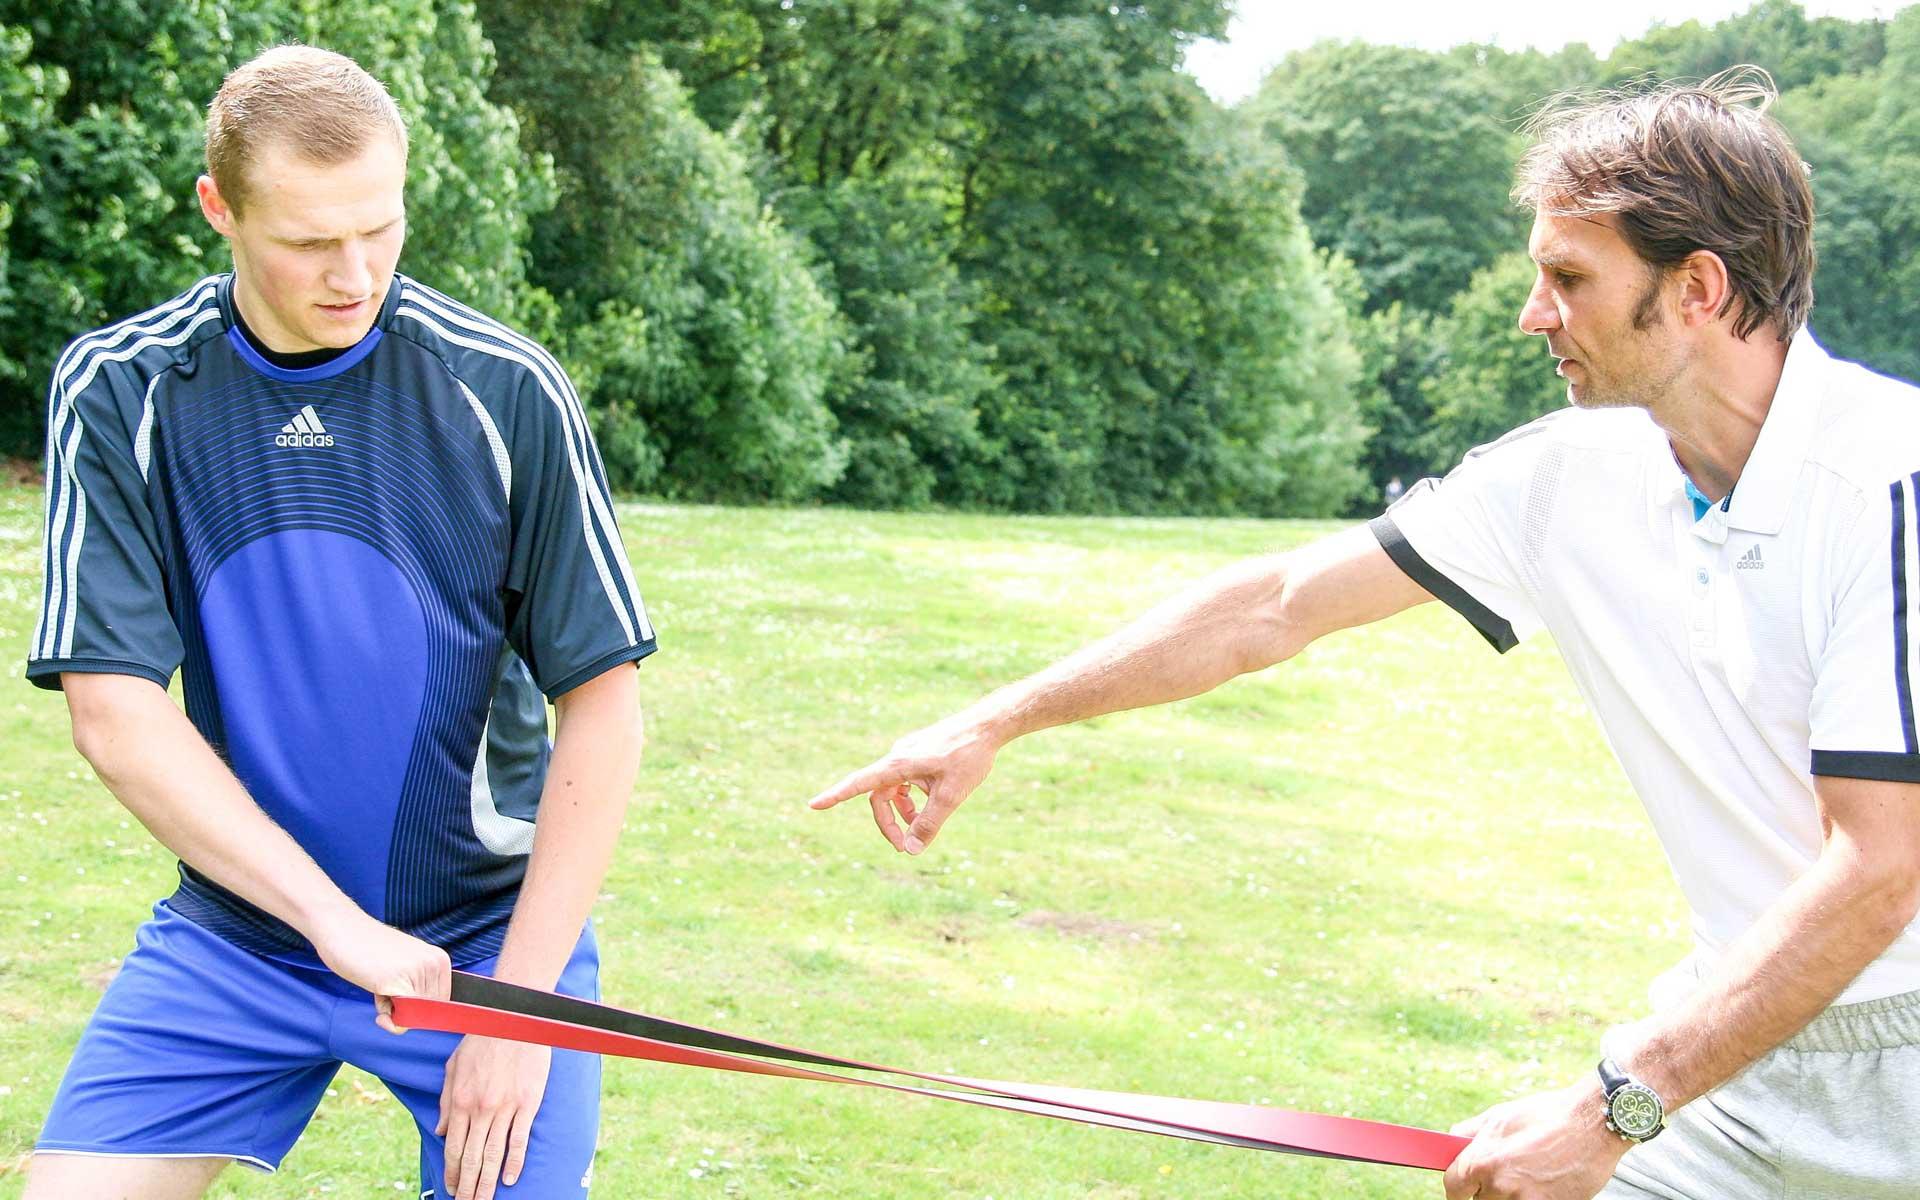 Athletiktraining und Personal Training, bei Heldenmacher von Alex Kuhnert